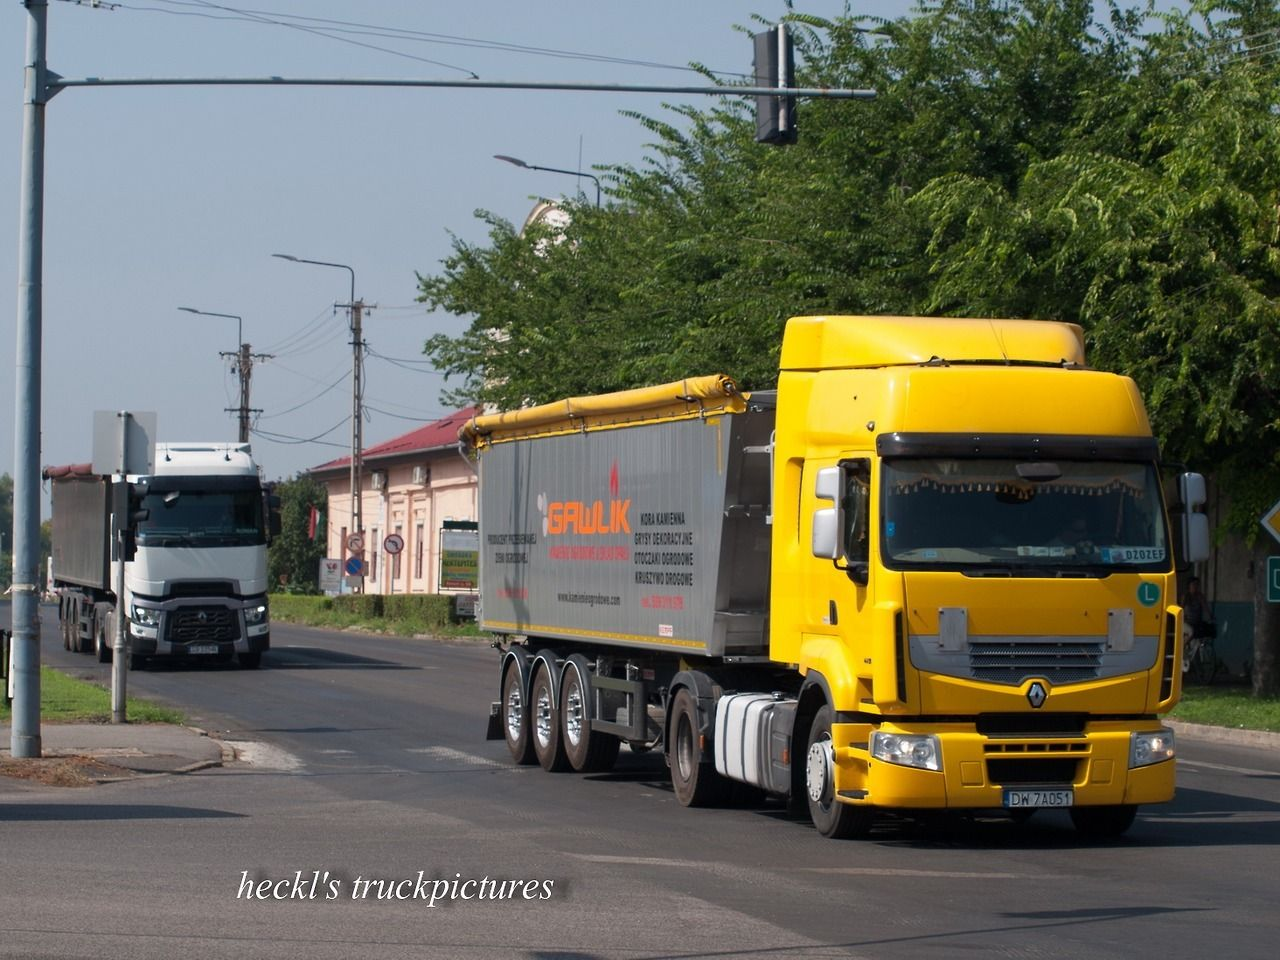 heckl's truckpictures